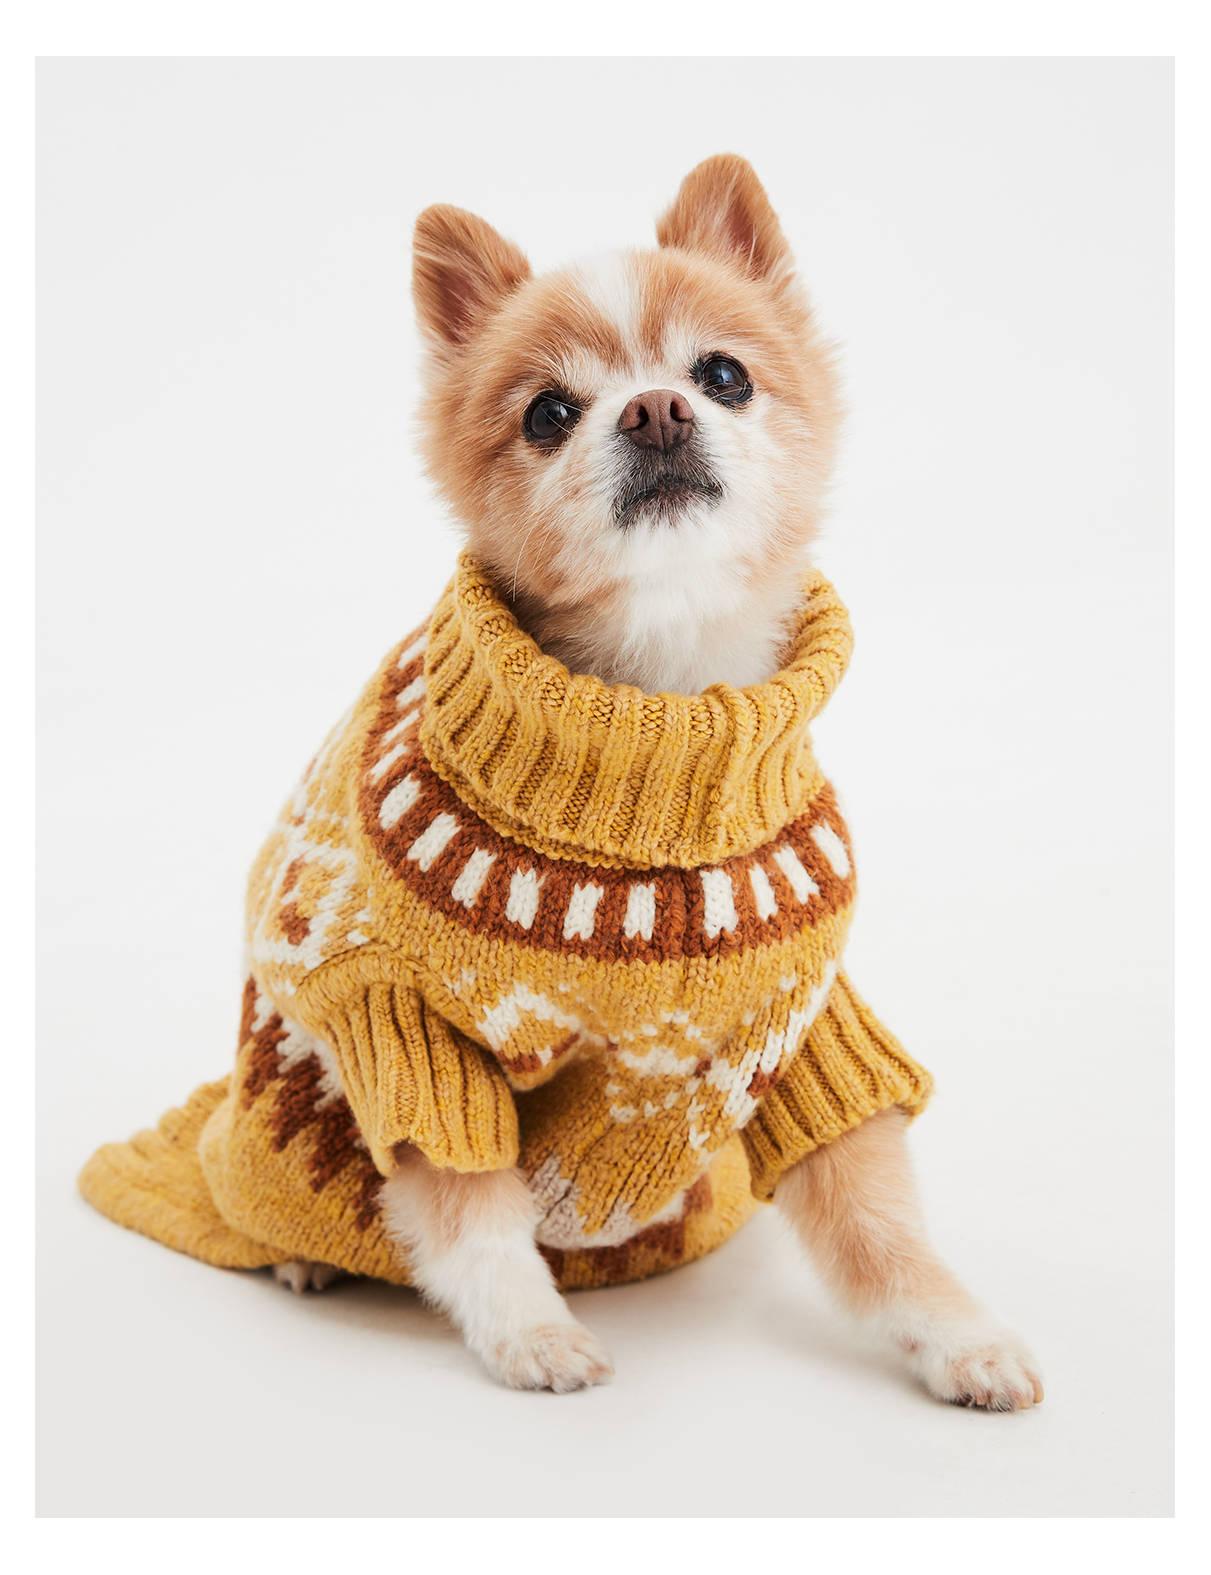 【アメリカンイーグル公式】American Beagle Outfittersドッグセーター イエロー